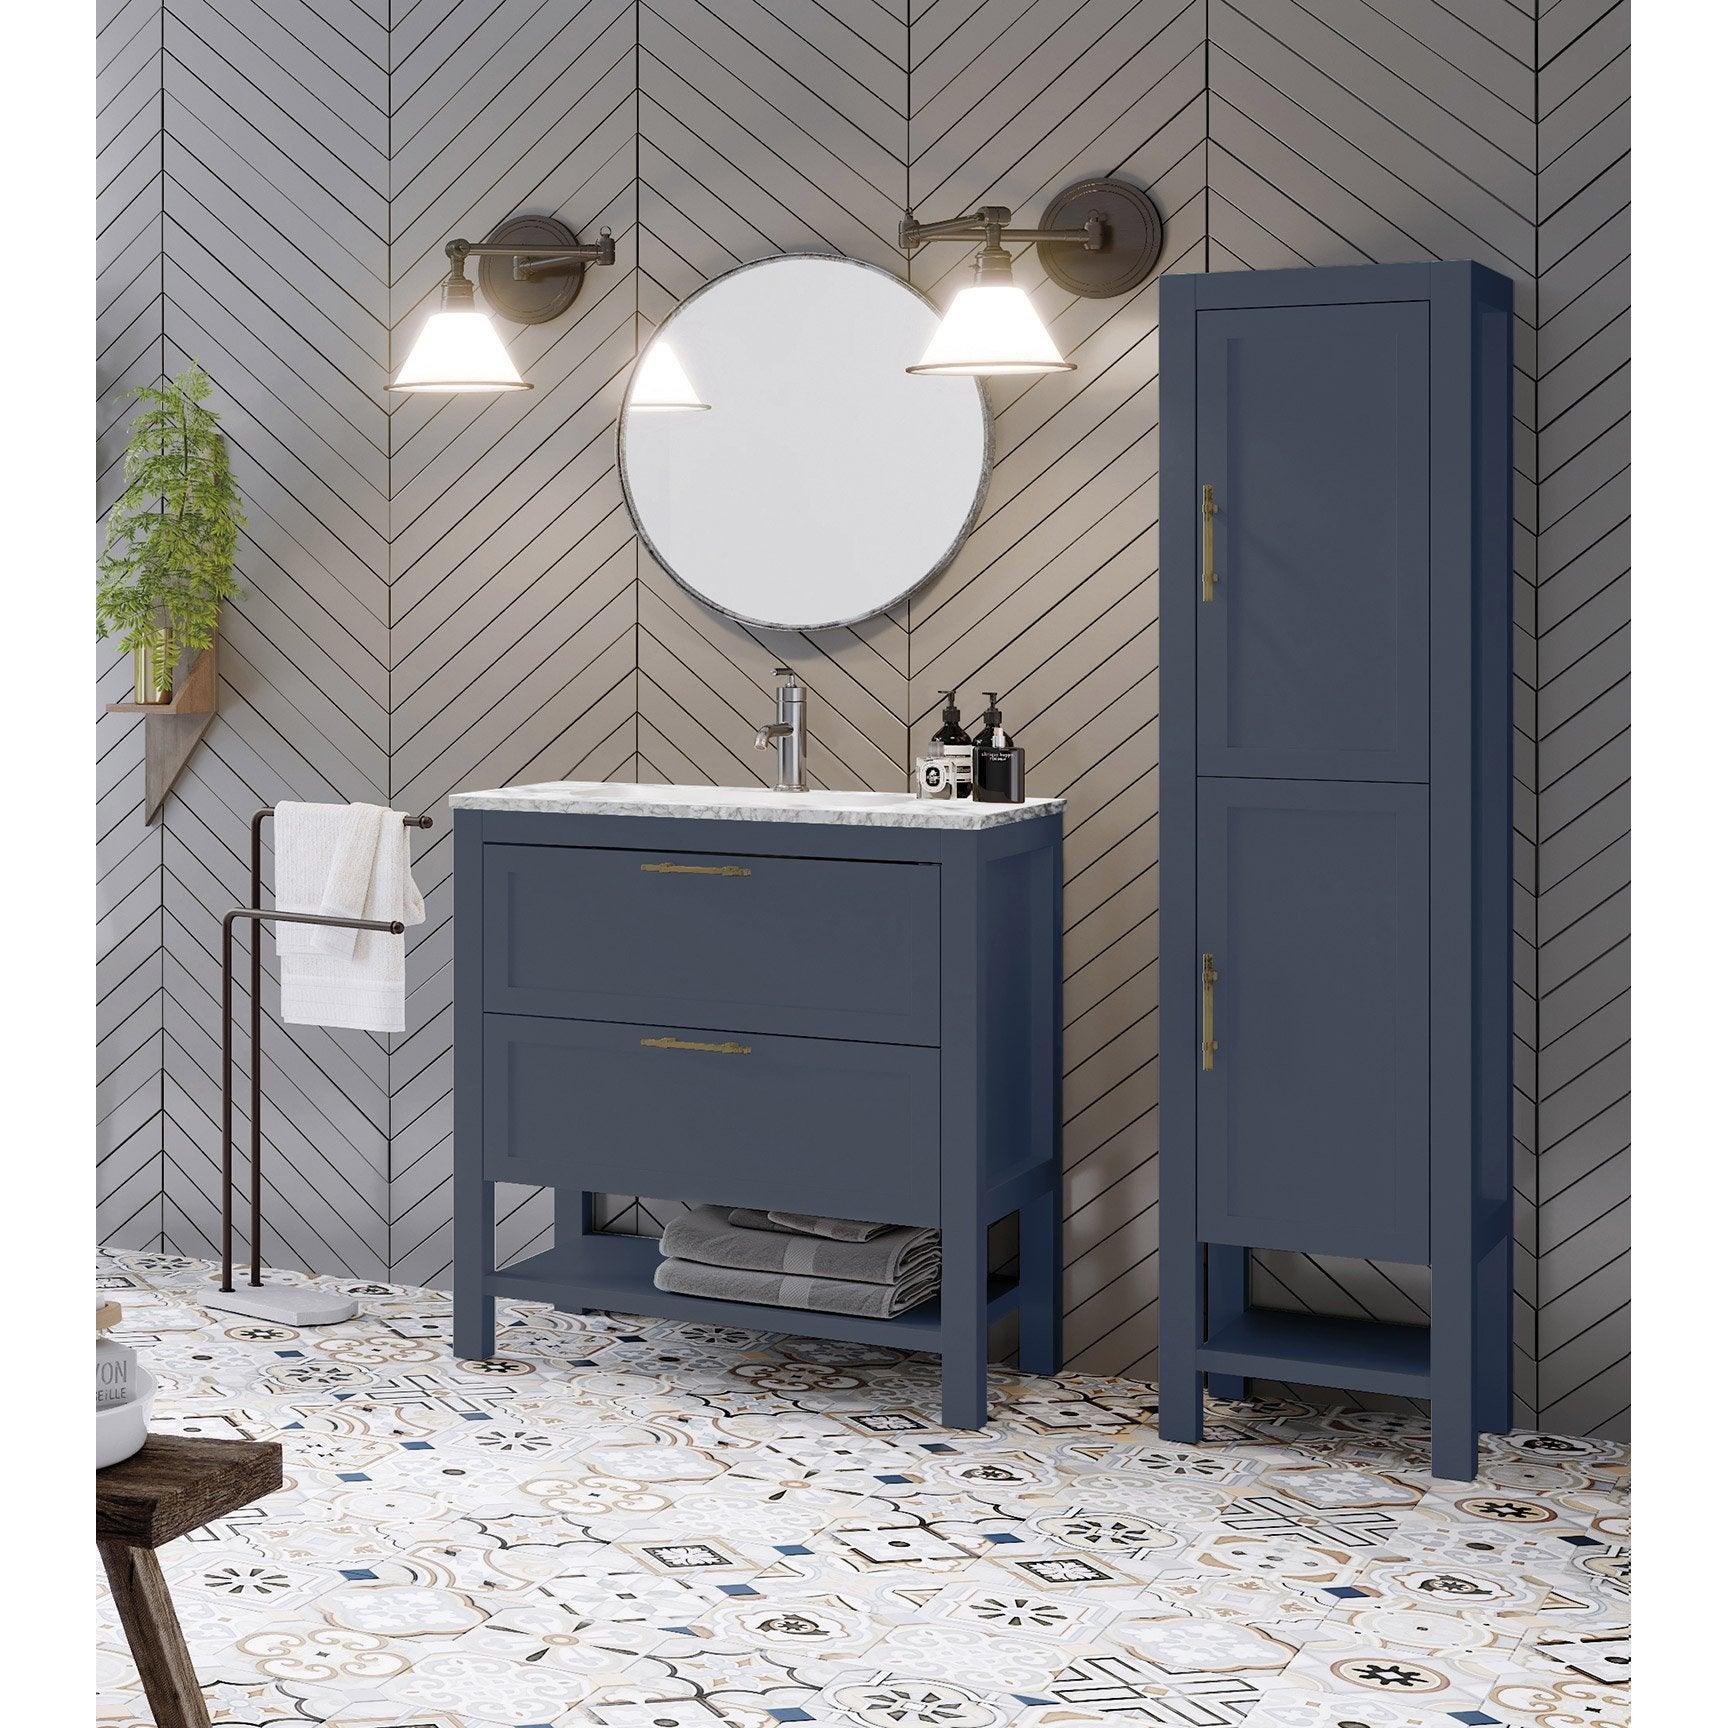 Meuble de salle de bains simple vasque kende x Meuble salle de bain 80 cm leroy merlin